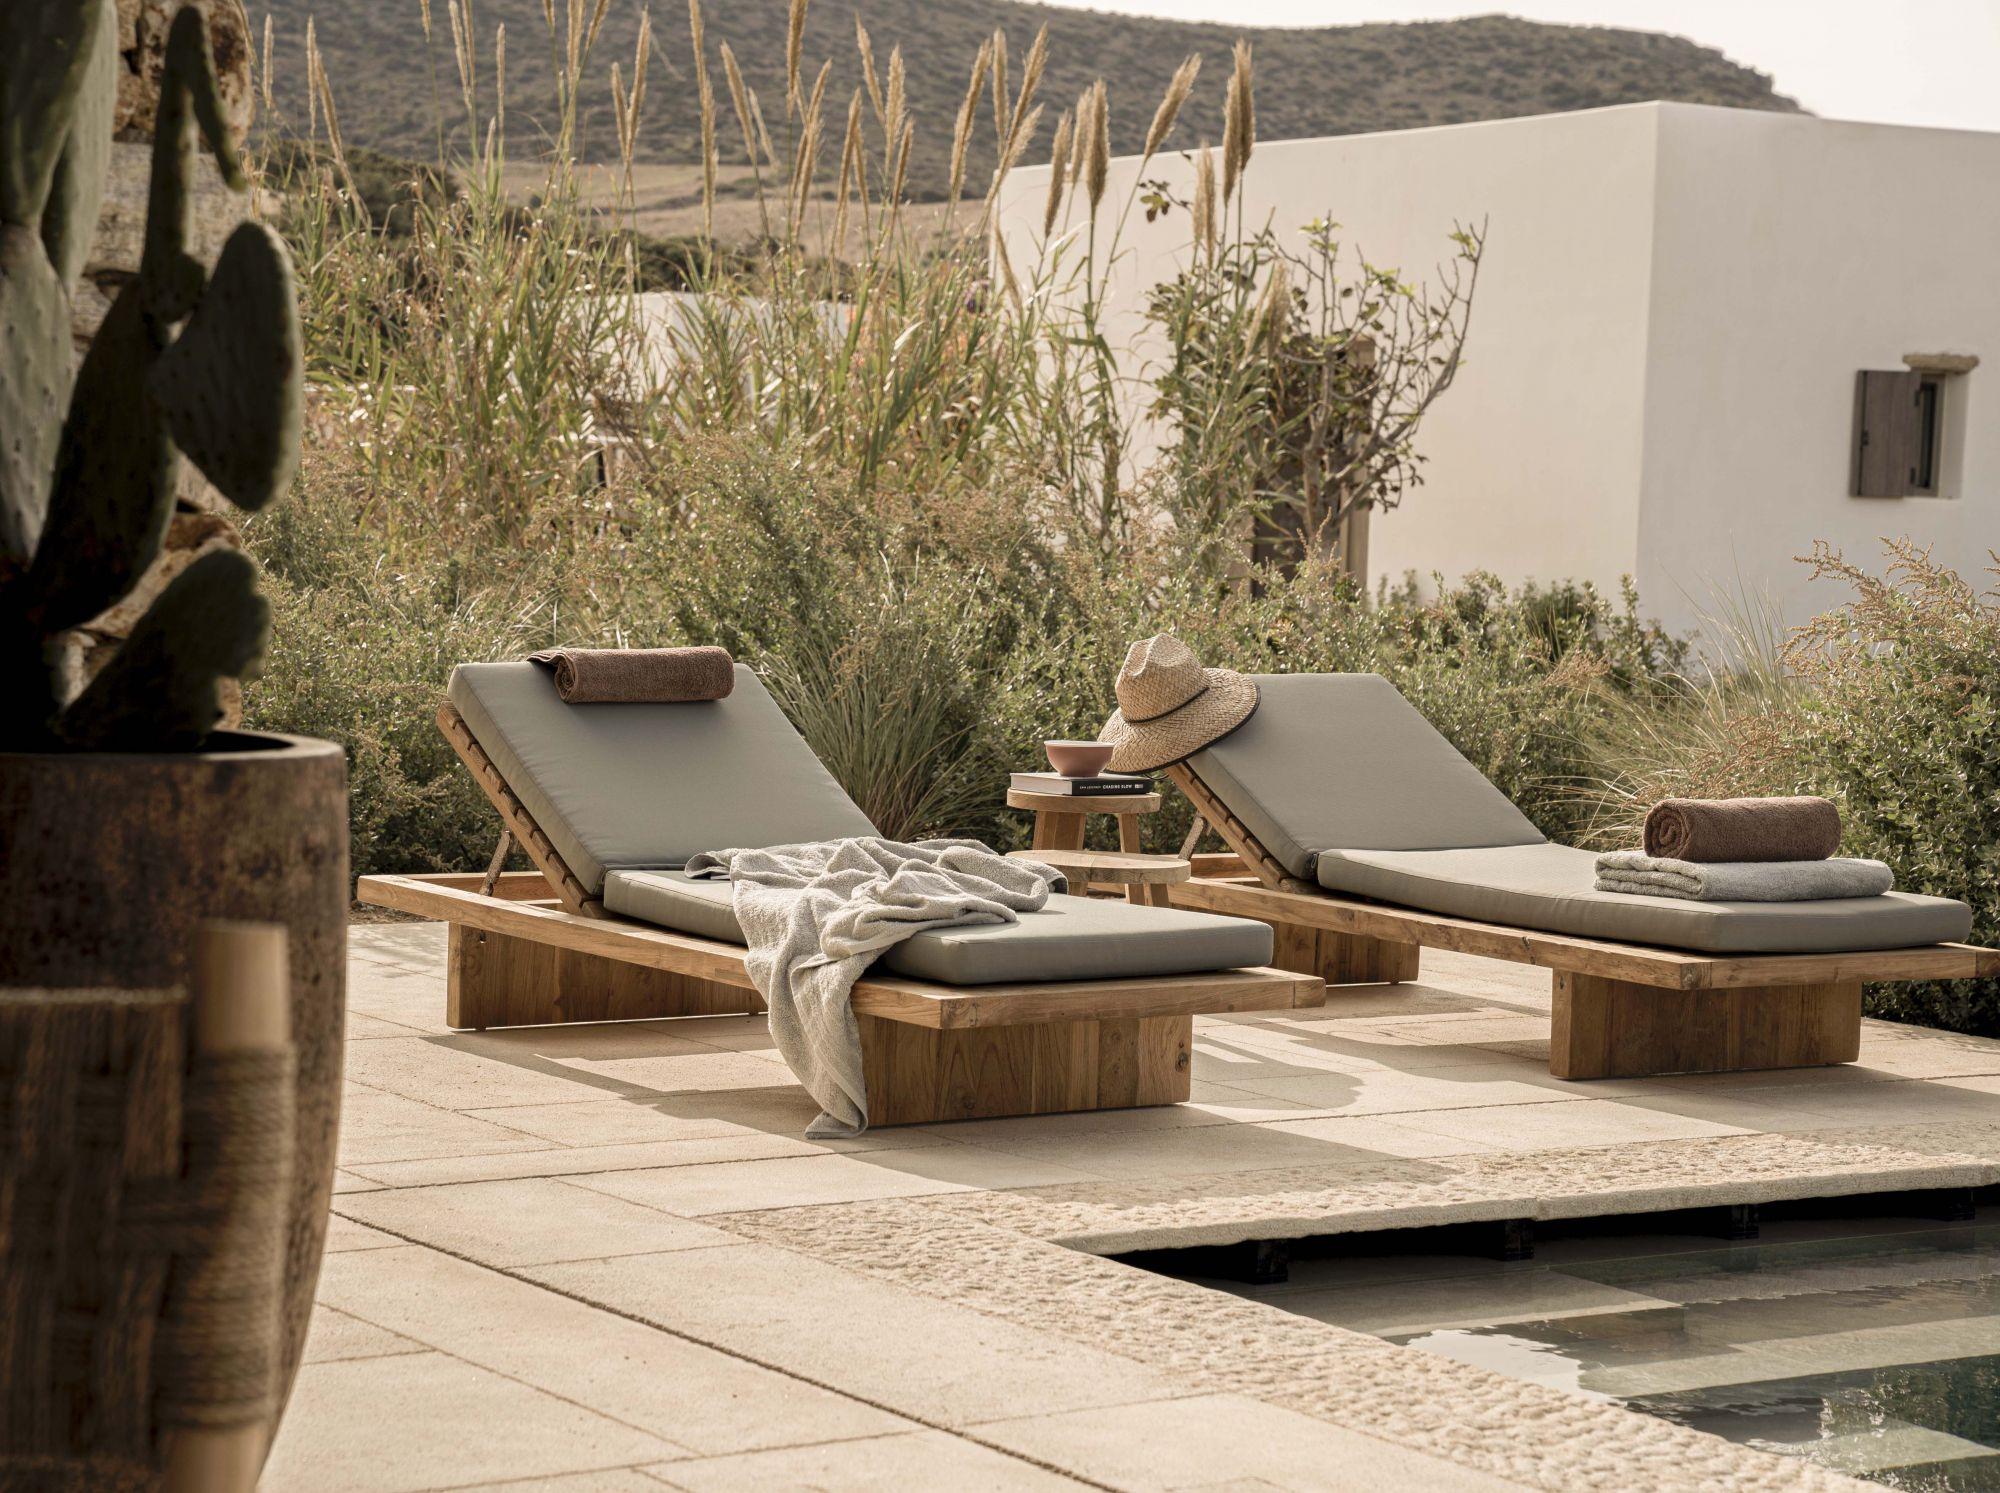 Απολαύστε τον ελληνικό ήλιο δίπλα στην πισίνα στο Hotel Rooster (Φωτογραφία: Nick Nikolaev)